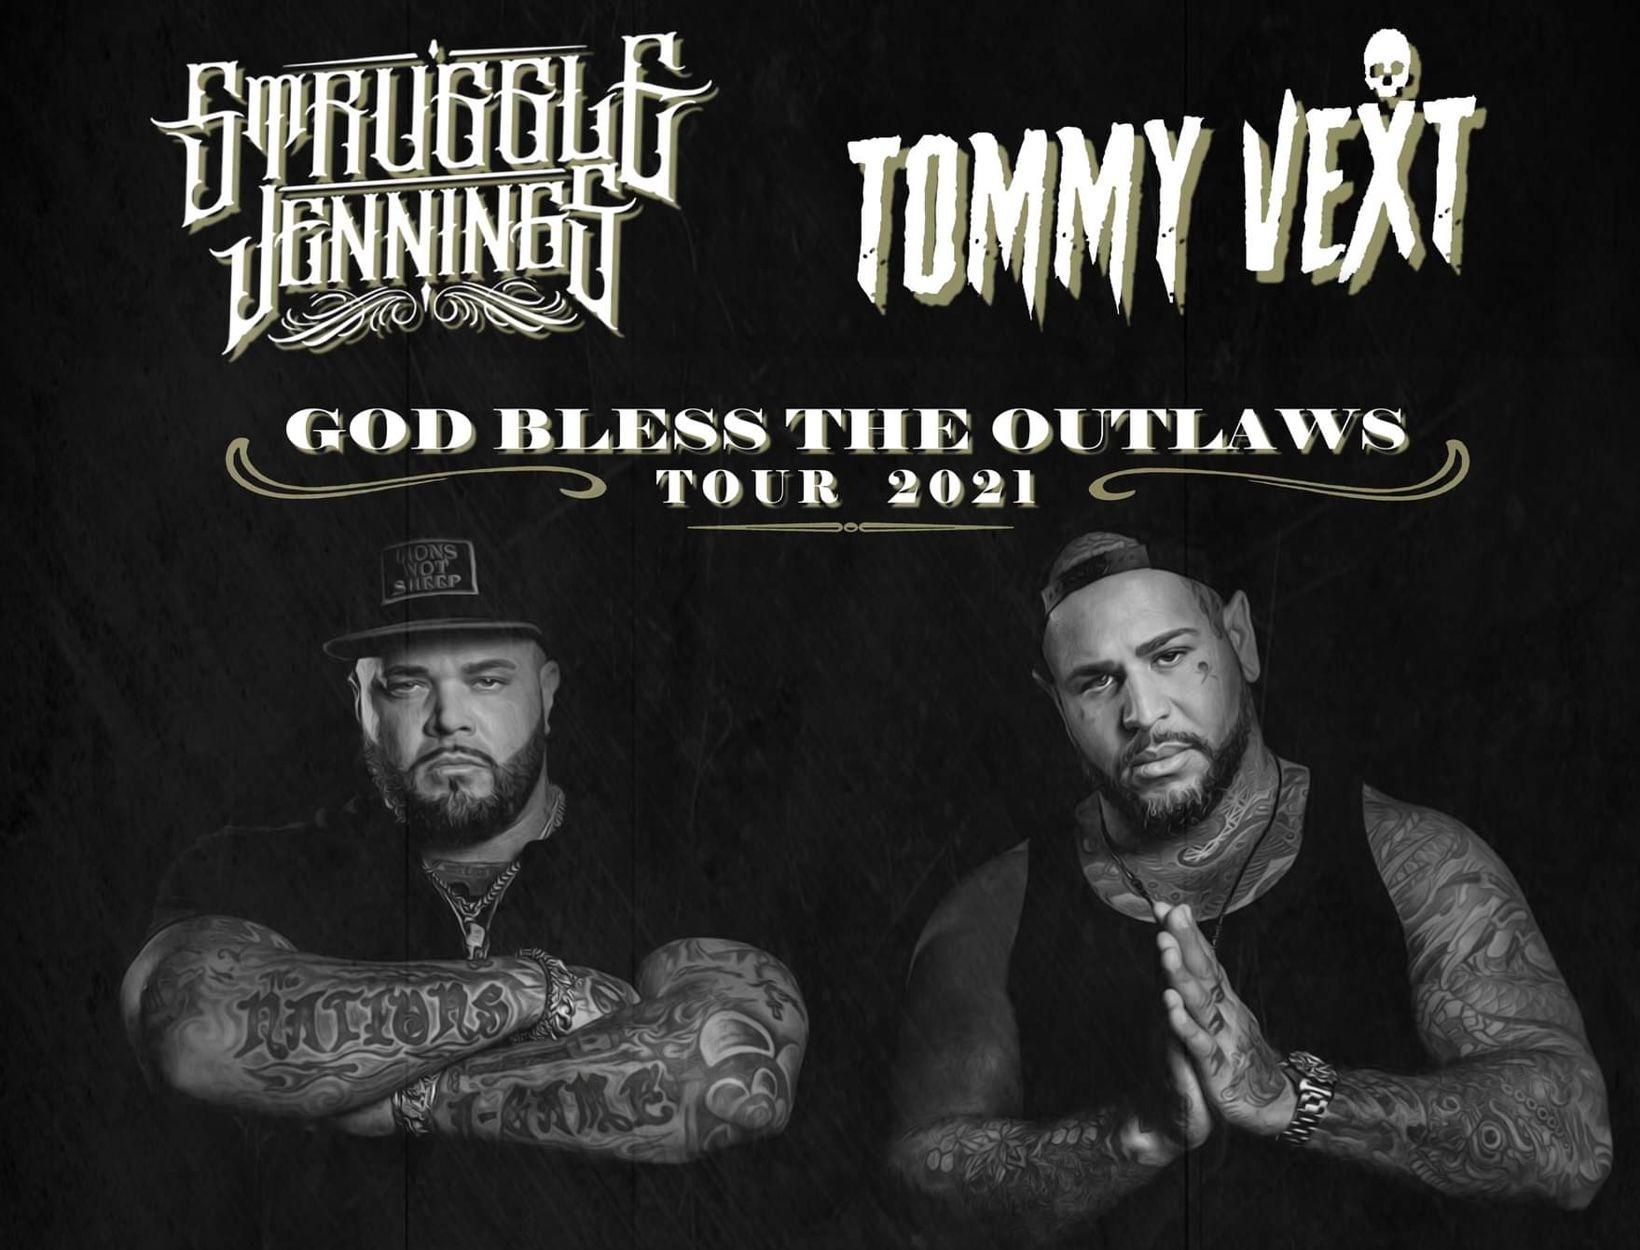 Struggle Jennings + Tommy Vext: